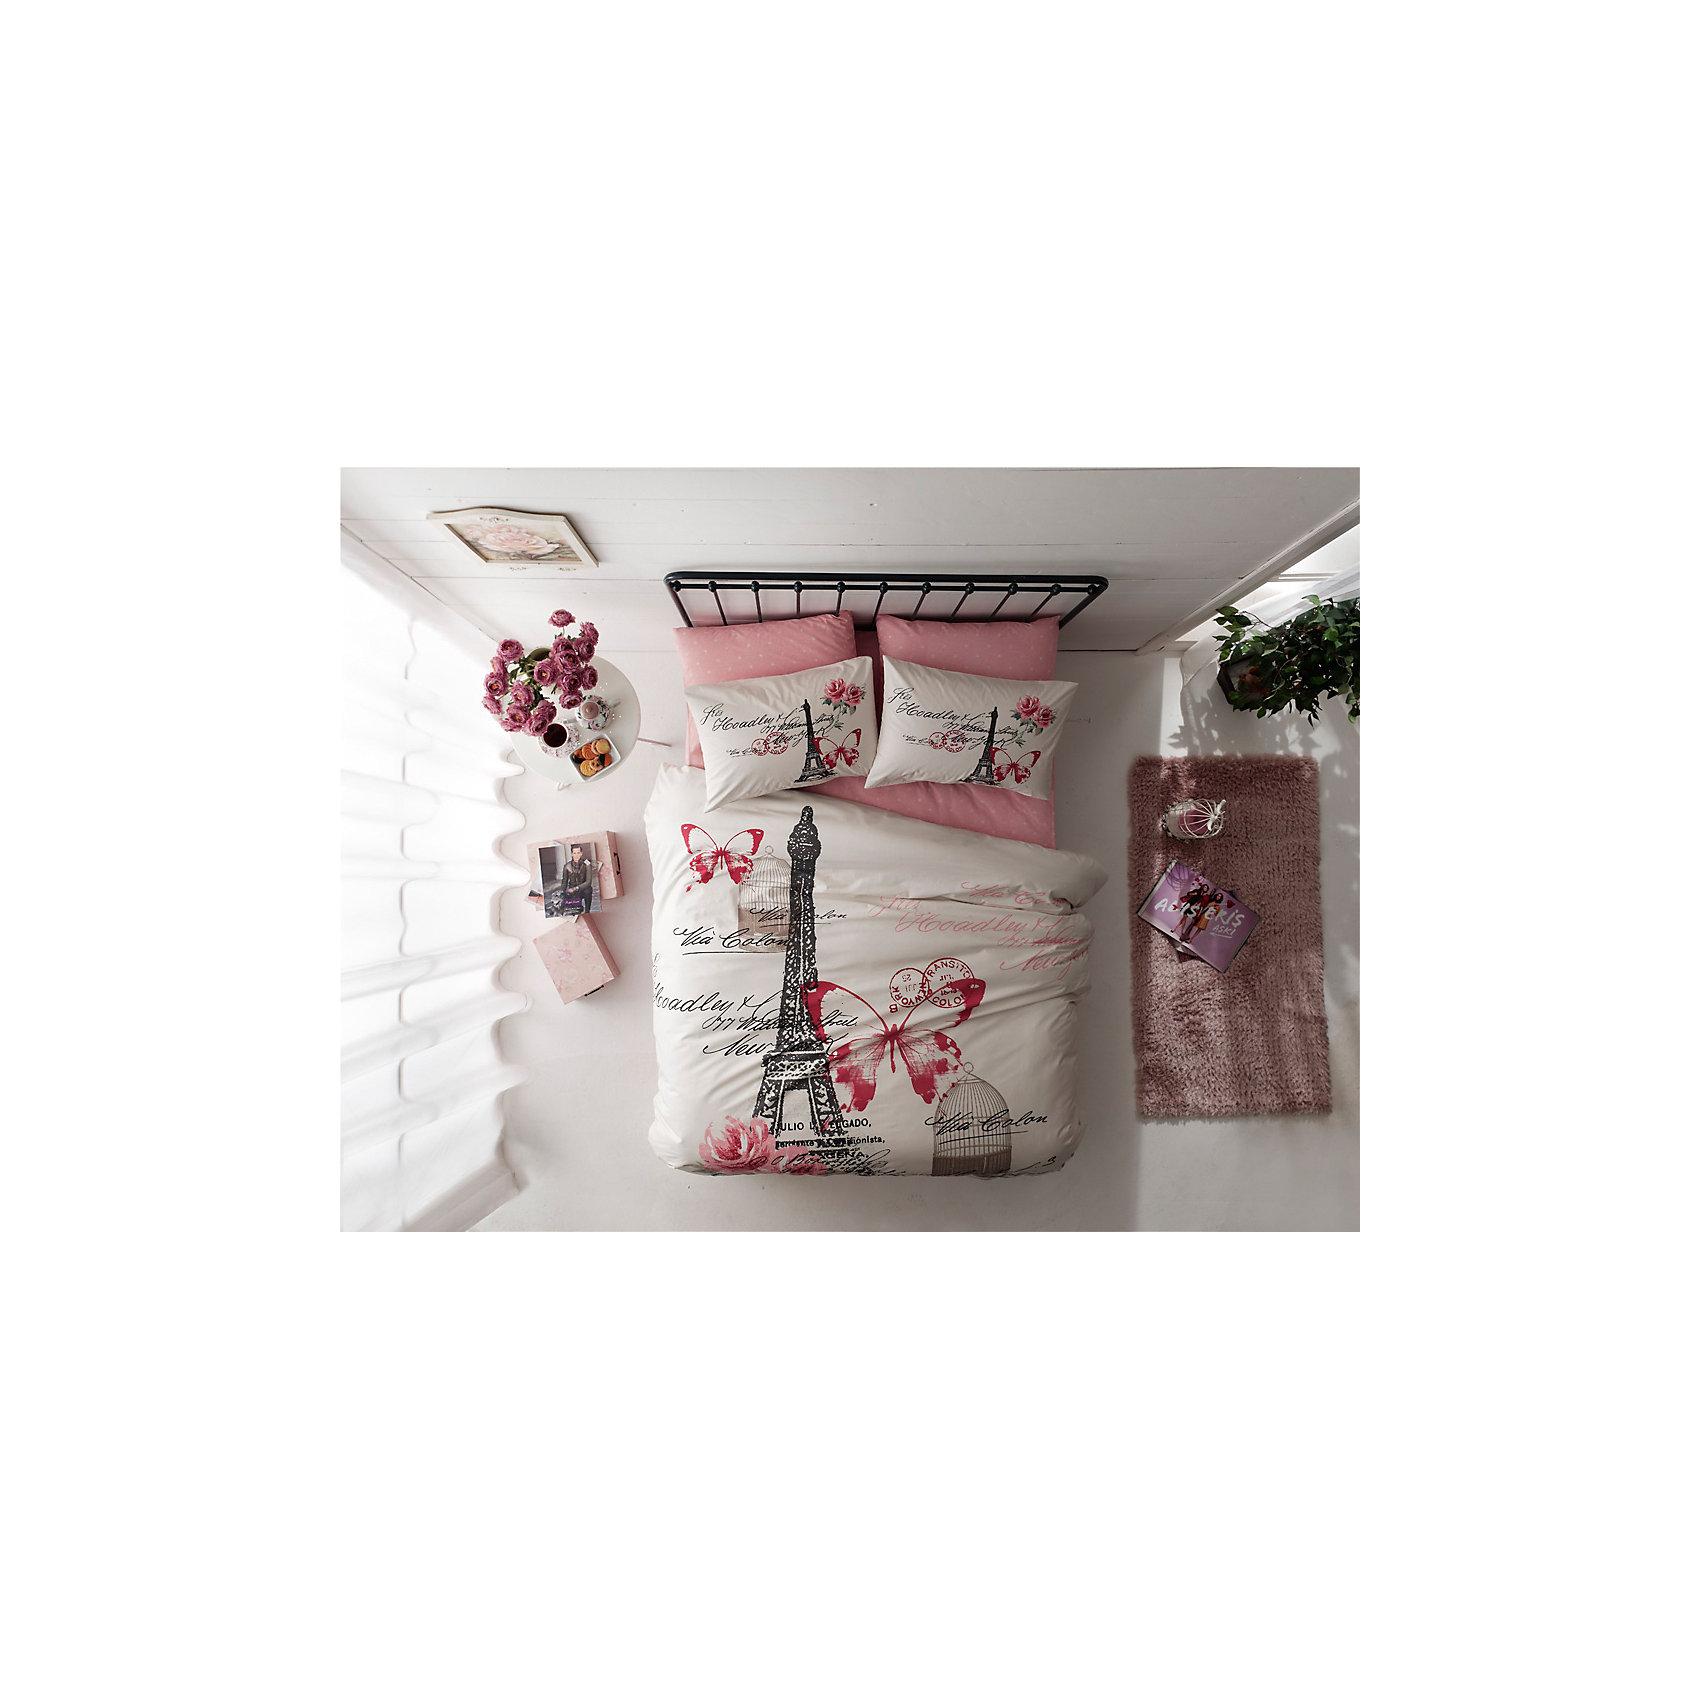 Постельное белье семейный Giselle, Ranforce, TAC, розовыйДомашний текстиль<br>под.-160*220 (2), прос.-240*260, нав.-50*70 (2 шт.)<br><br>Ширина мм: 270<br>Глубина мм: 80<br>Высота мм: 370<br>Вес г: 3500<br>Возраст от месяцев: 216<br>Возраст до месяцев: 1188<br>Пол: Унисекс<br>Возраст: Детский<br>SKU: 6849262